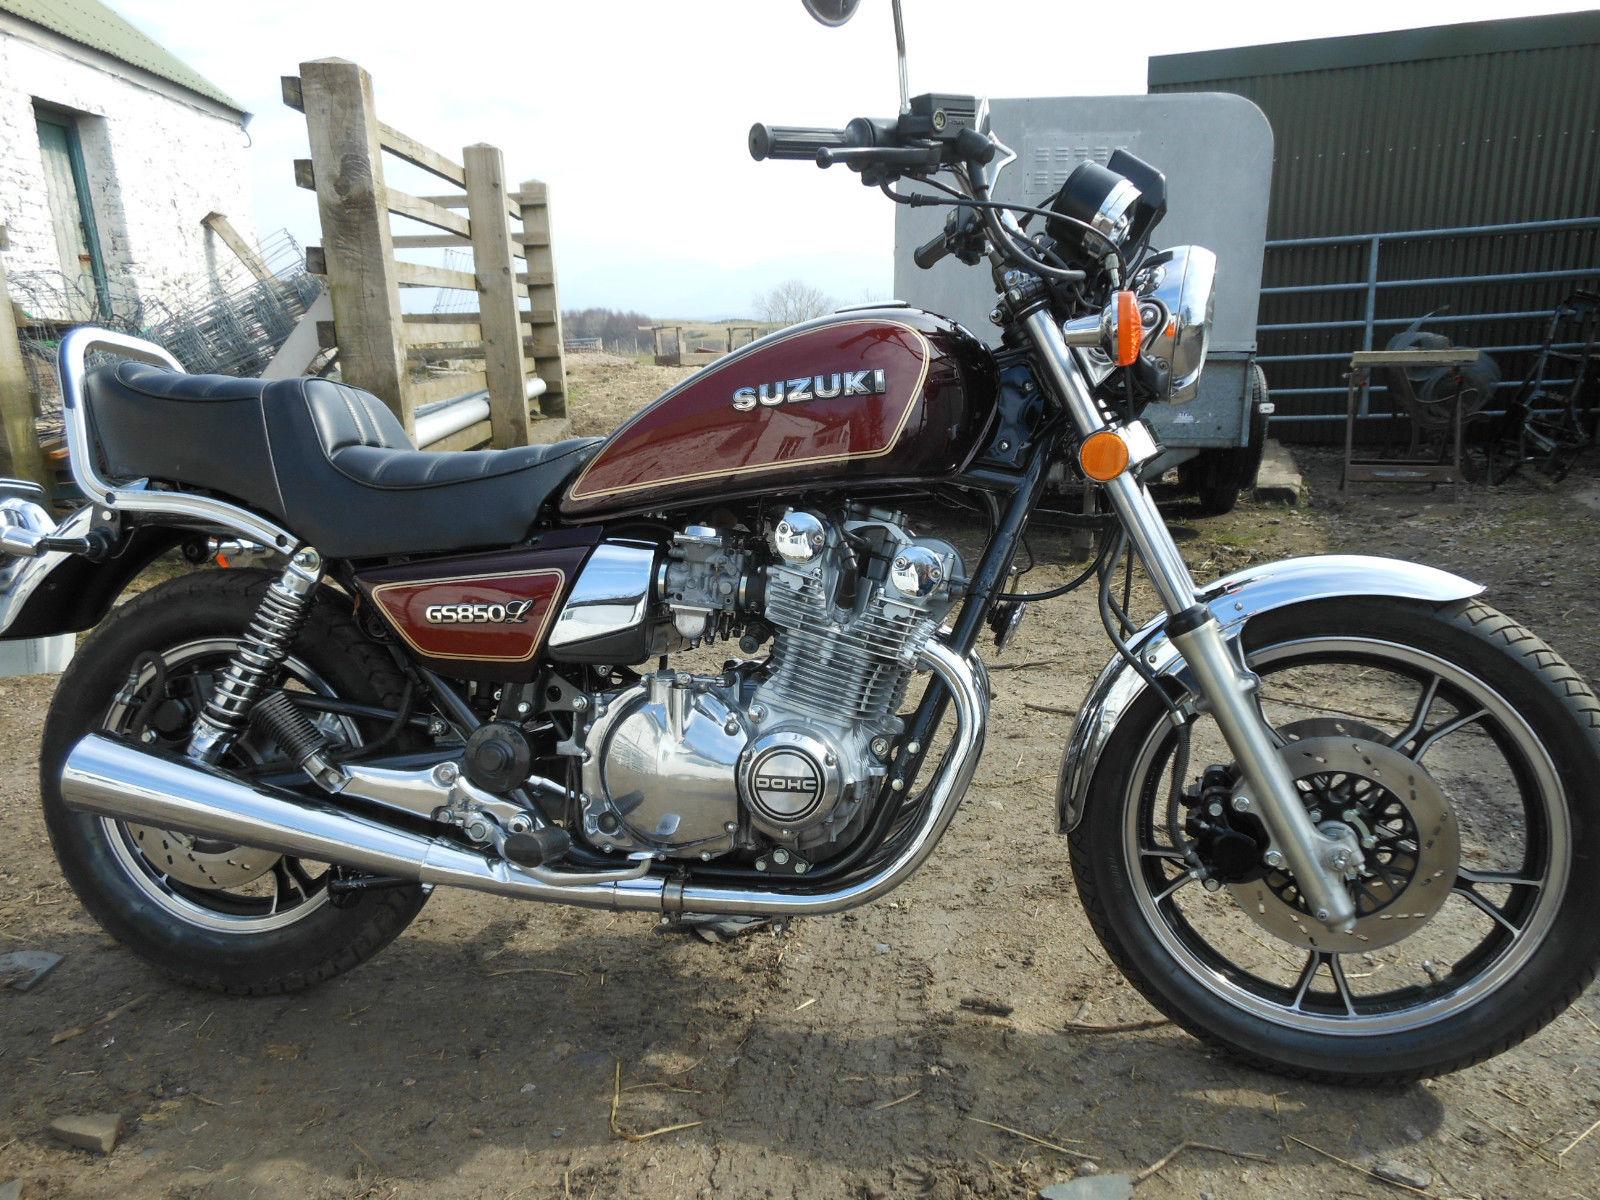 Suzuki GS850L - 1982